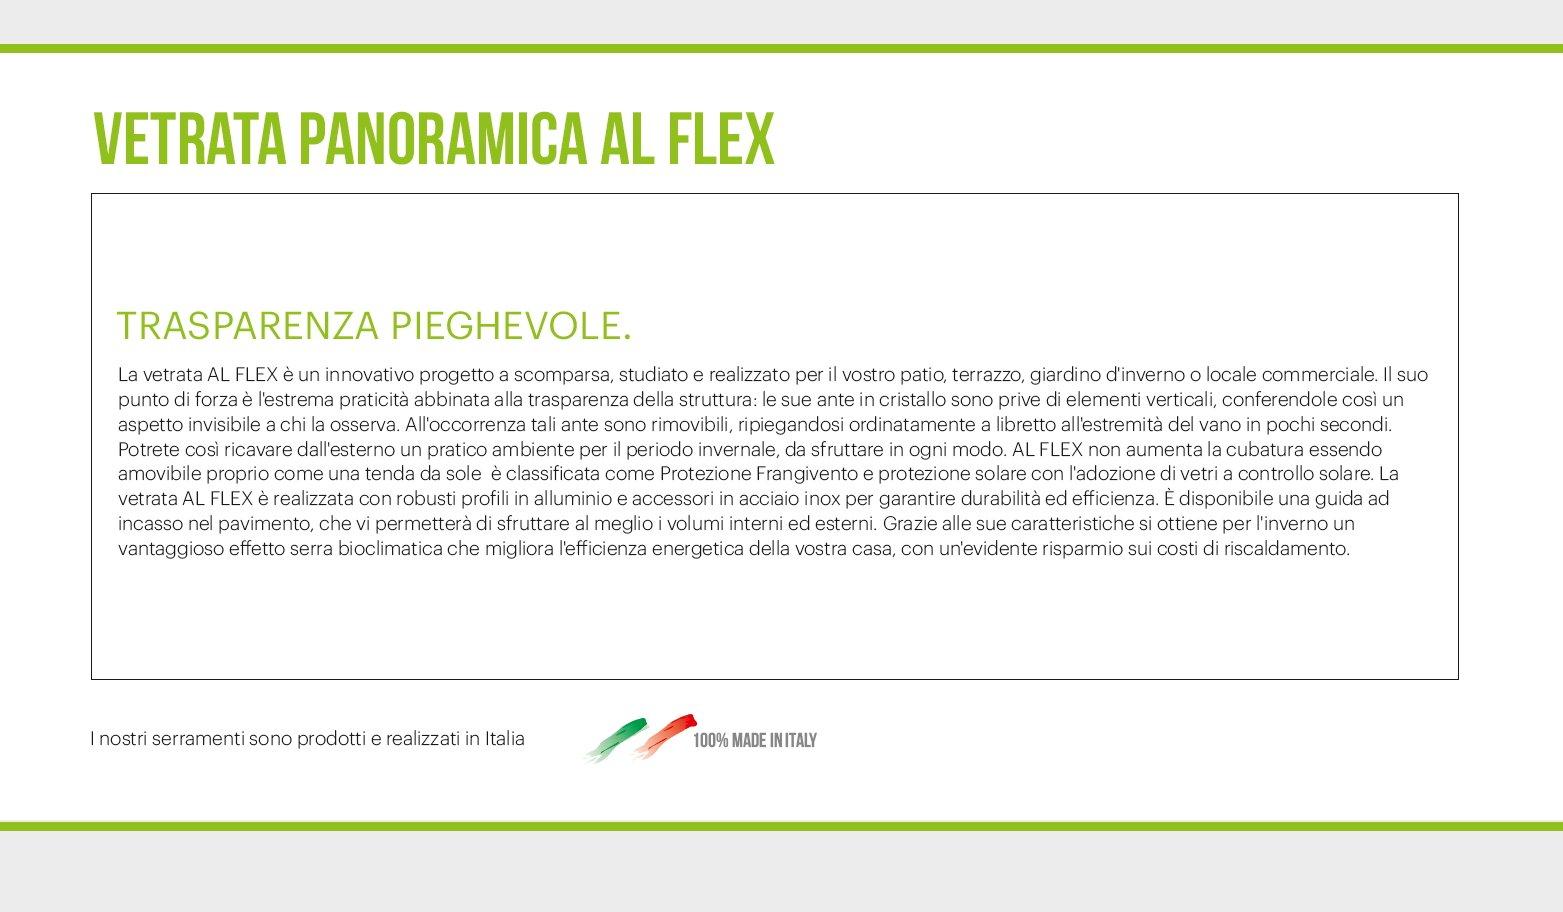 catalogo prodotti-VETRATA PANORAMICA AL FLEX